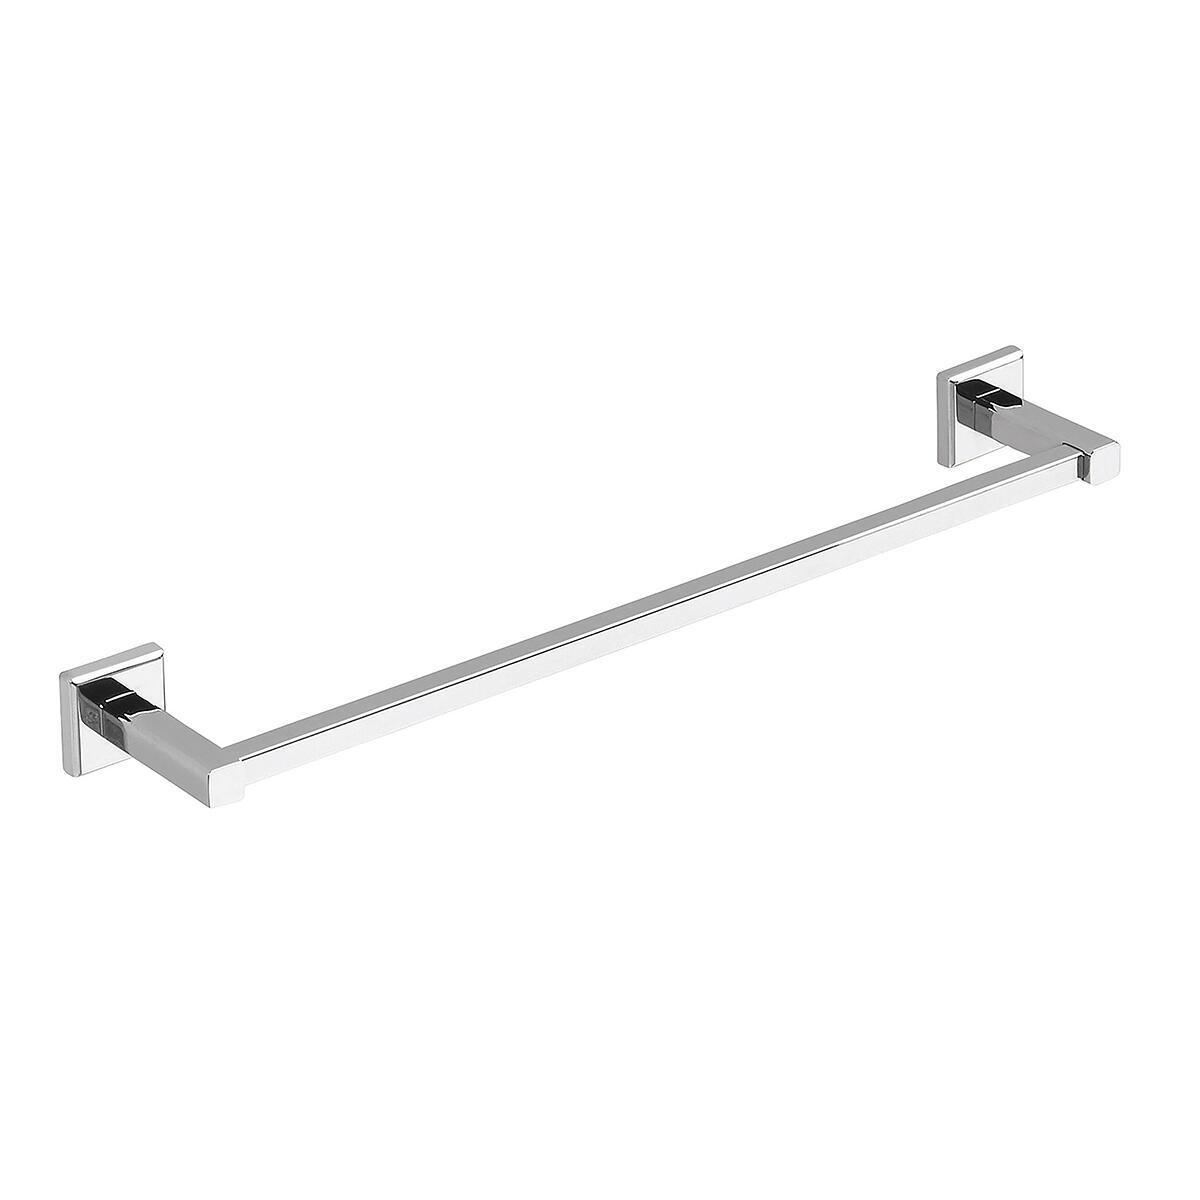 Porta salviette fisso a muro 1 barra argento L 45 cm